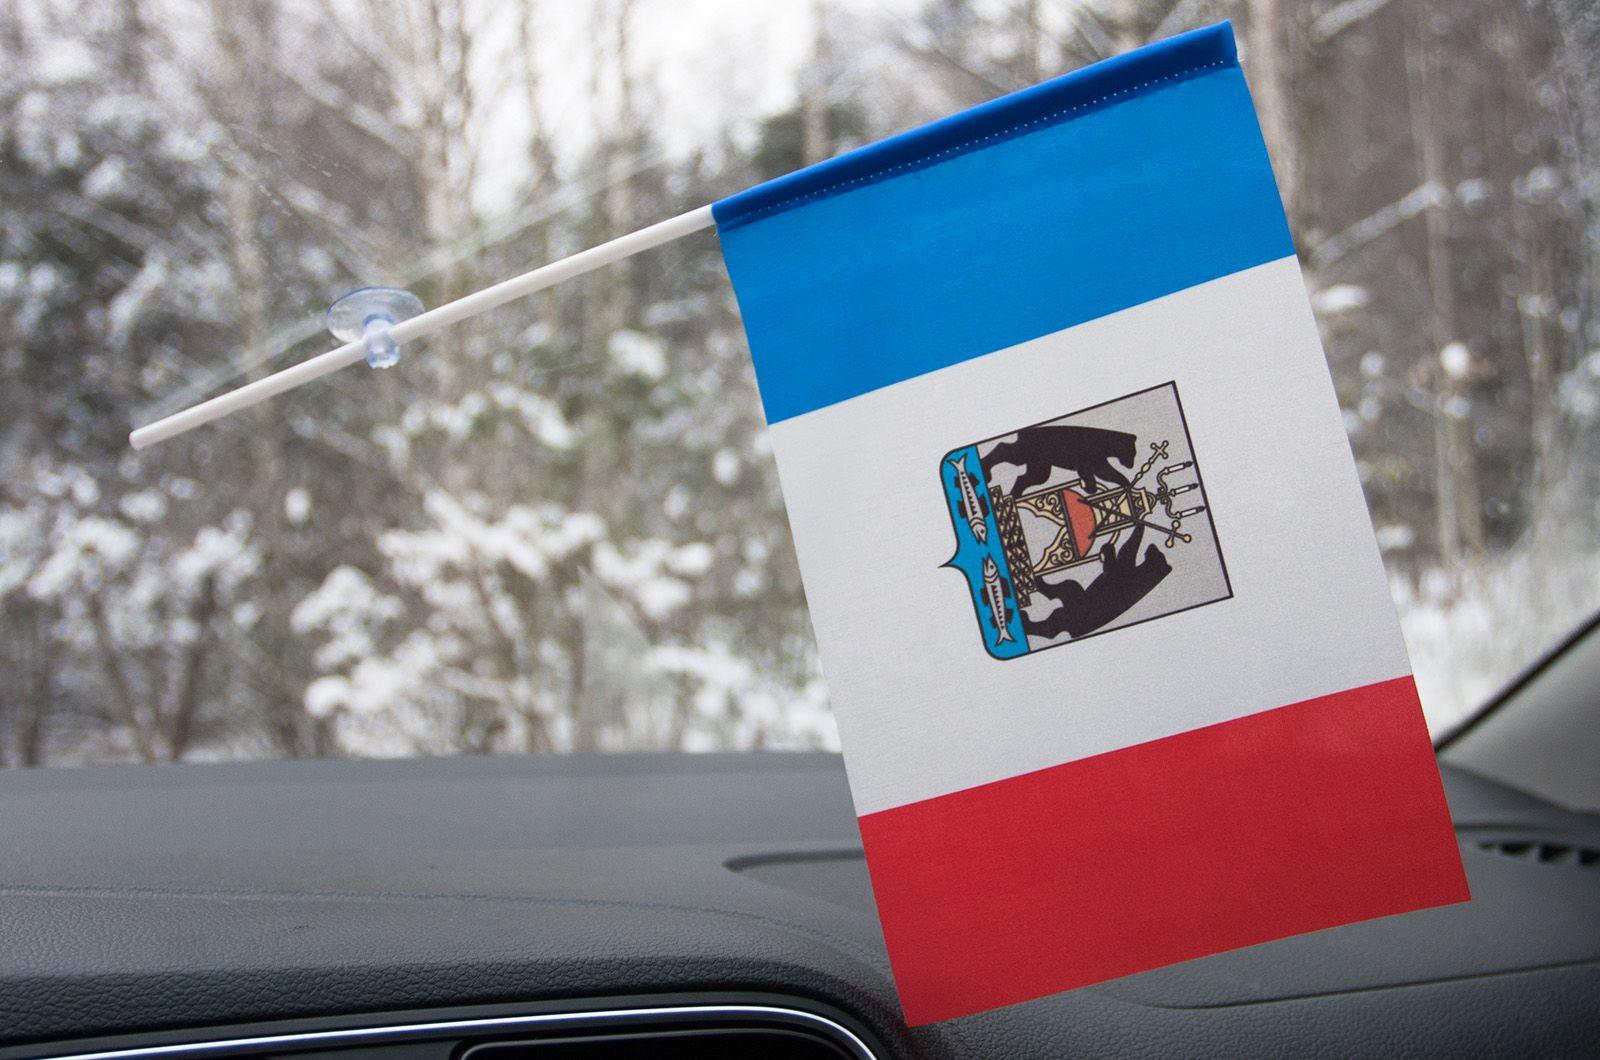 Флажок Новгородской области в машину